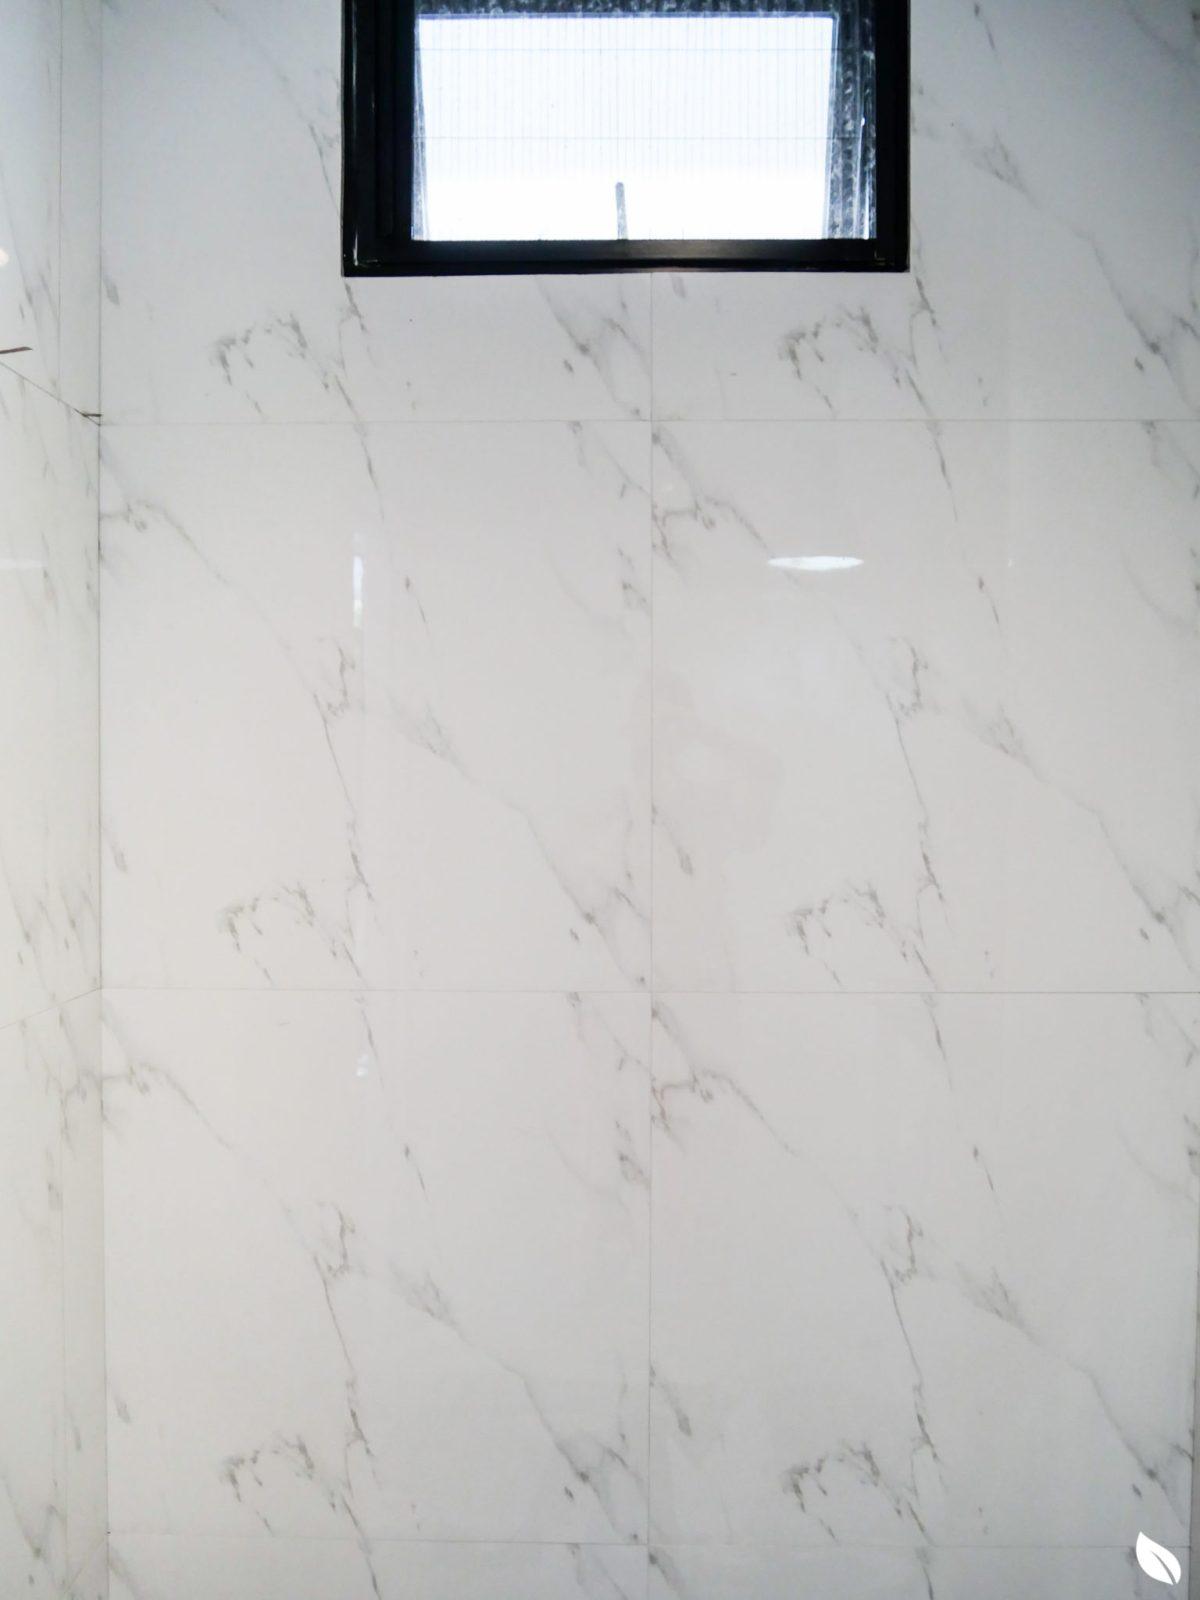 """4 ขั้นตอน """"รีโนเวทห้องน้ำขนาดเล็ก"""" ให้สวยใหม่ จบงานไวใน 2 วัน แบบปูกระเบื้องทับ ไม่ต้องรื้อ 52 - bathroom"""